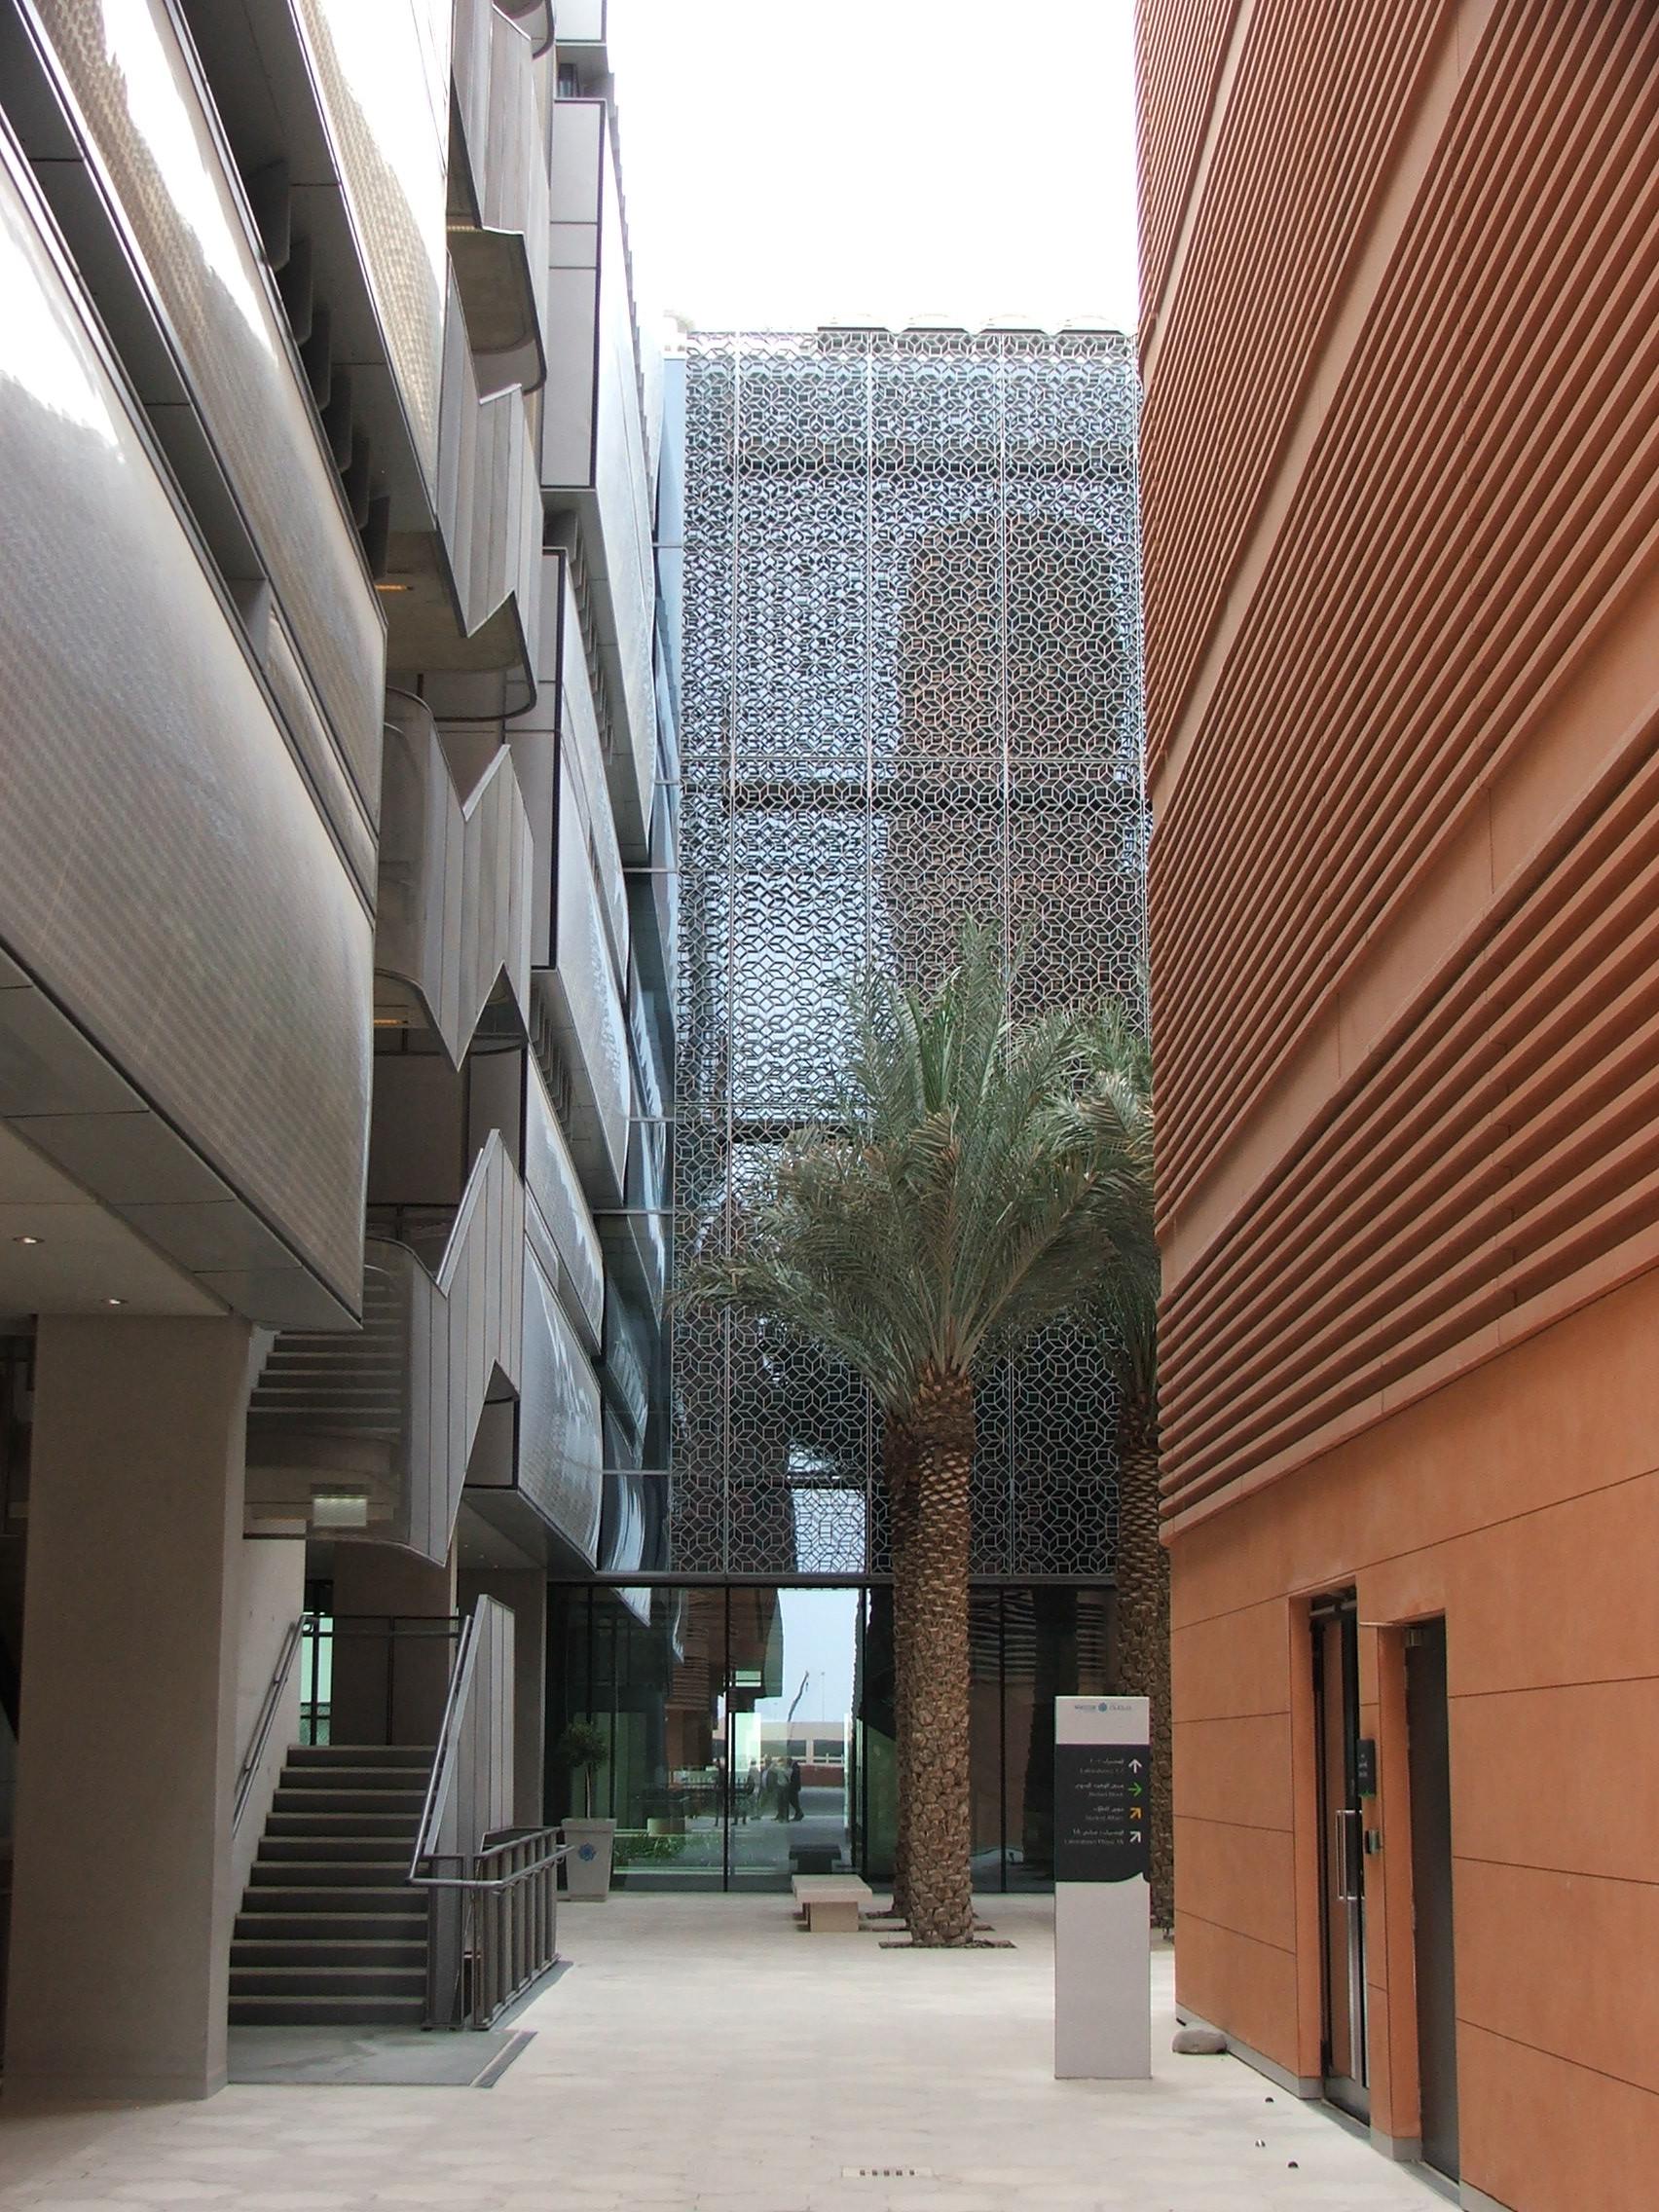 Galeria De Por Dentro Da Cidade De Masdar 2